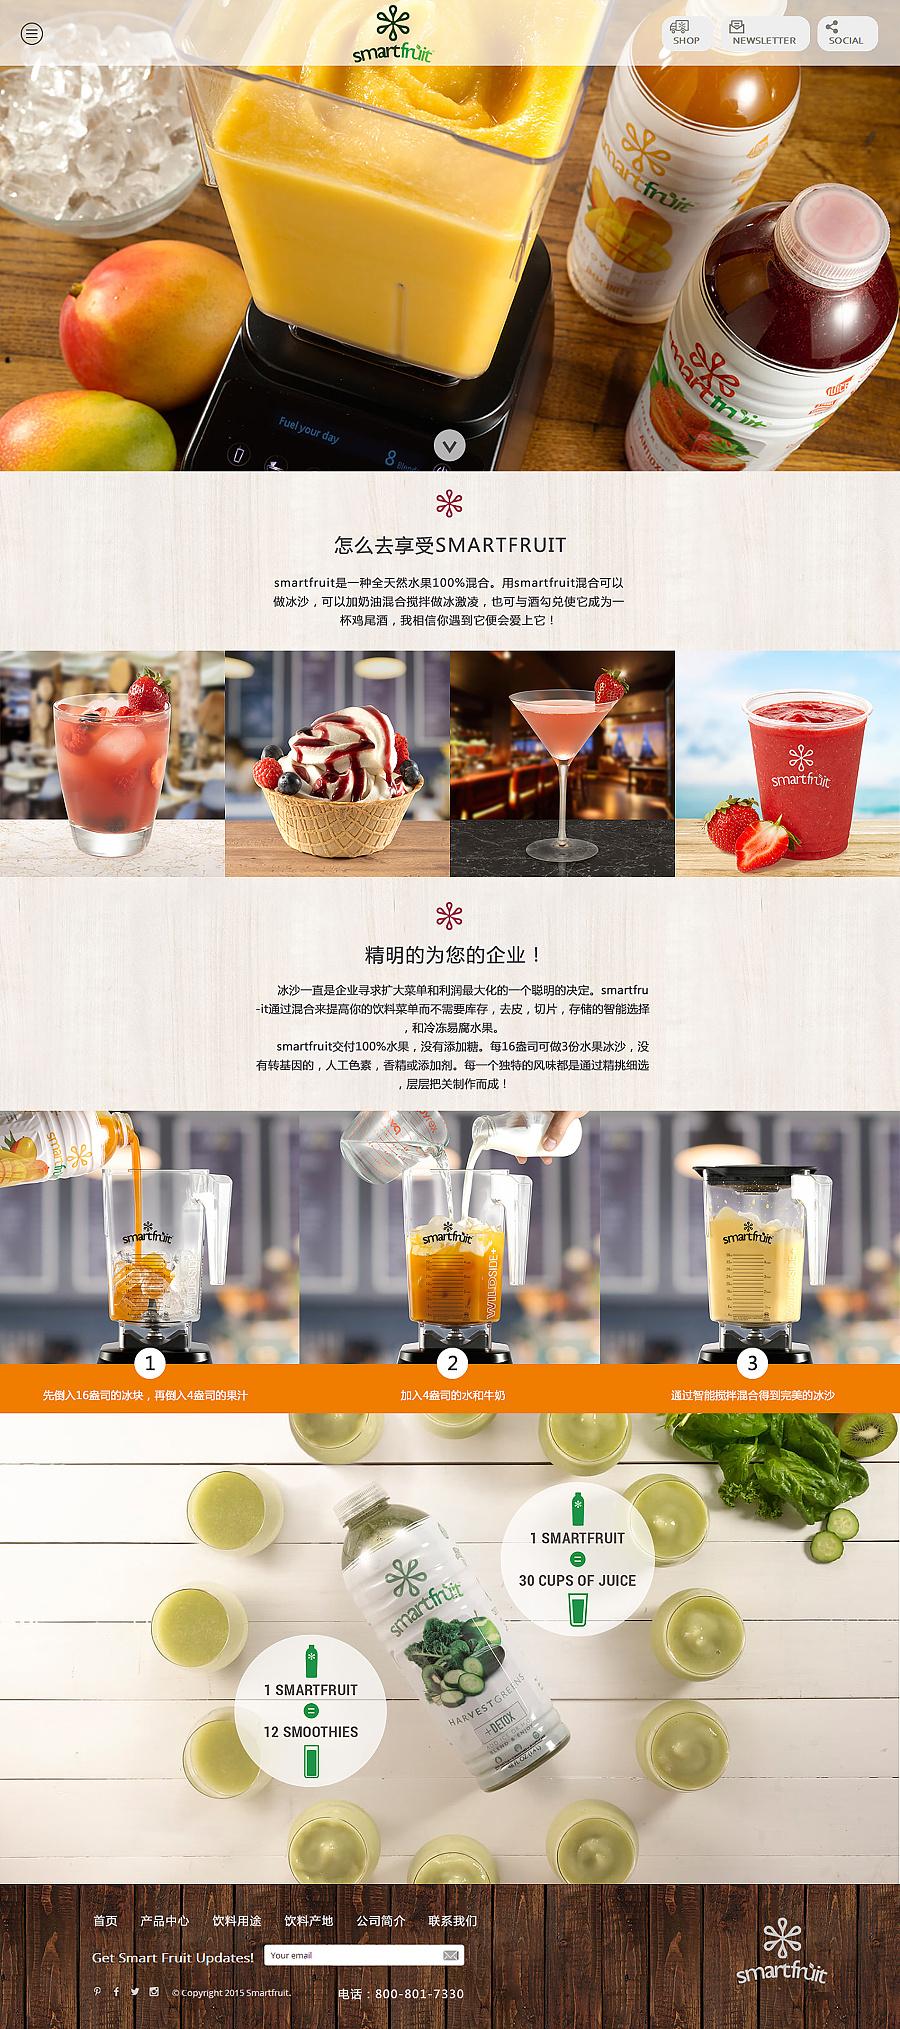 饮品网页排版 企业官网 网页 佐理设计 - 原创设计图片